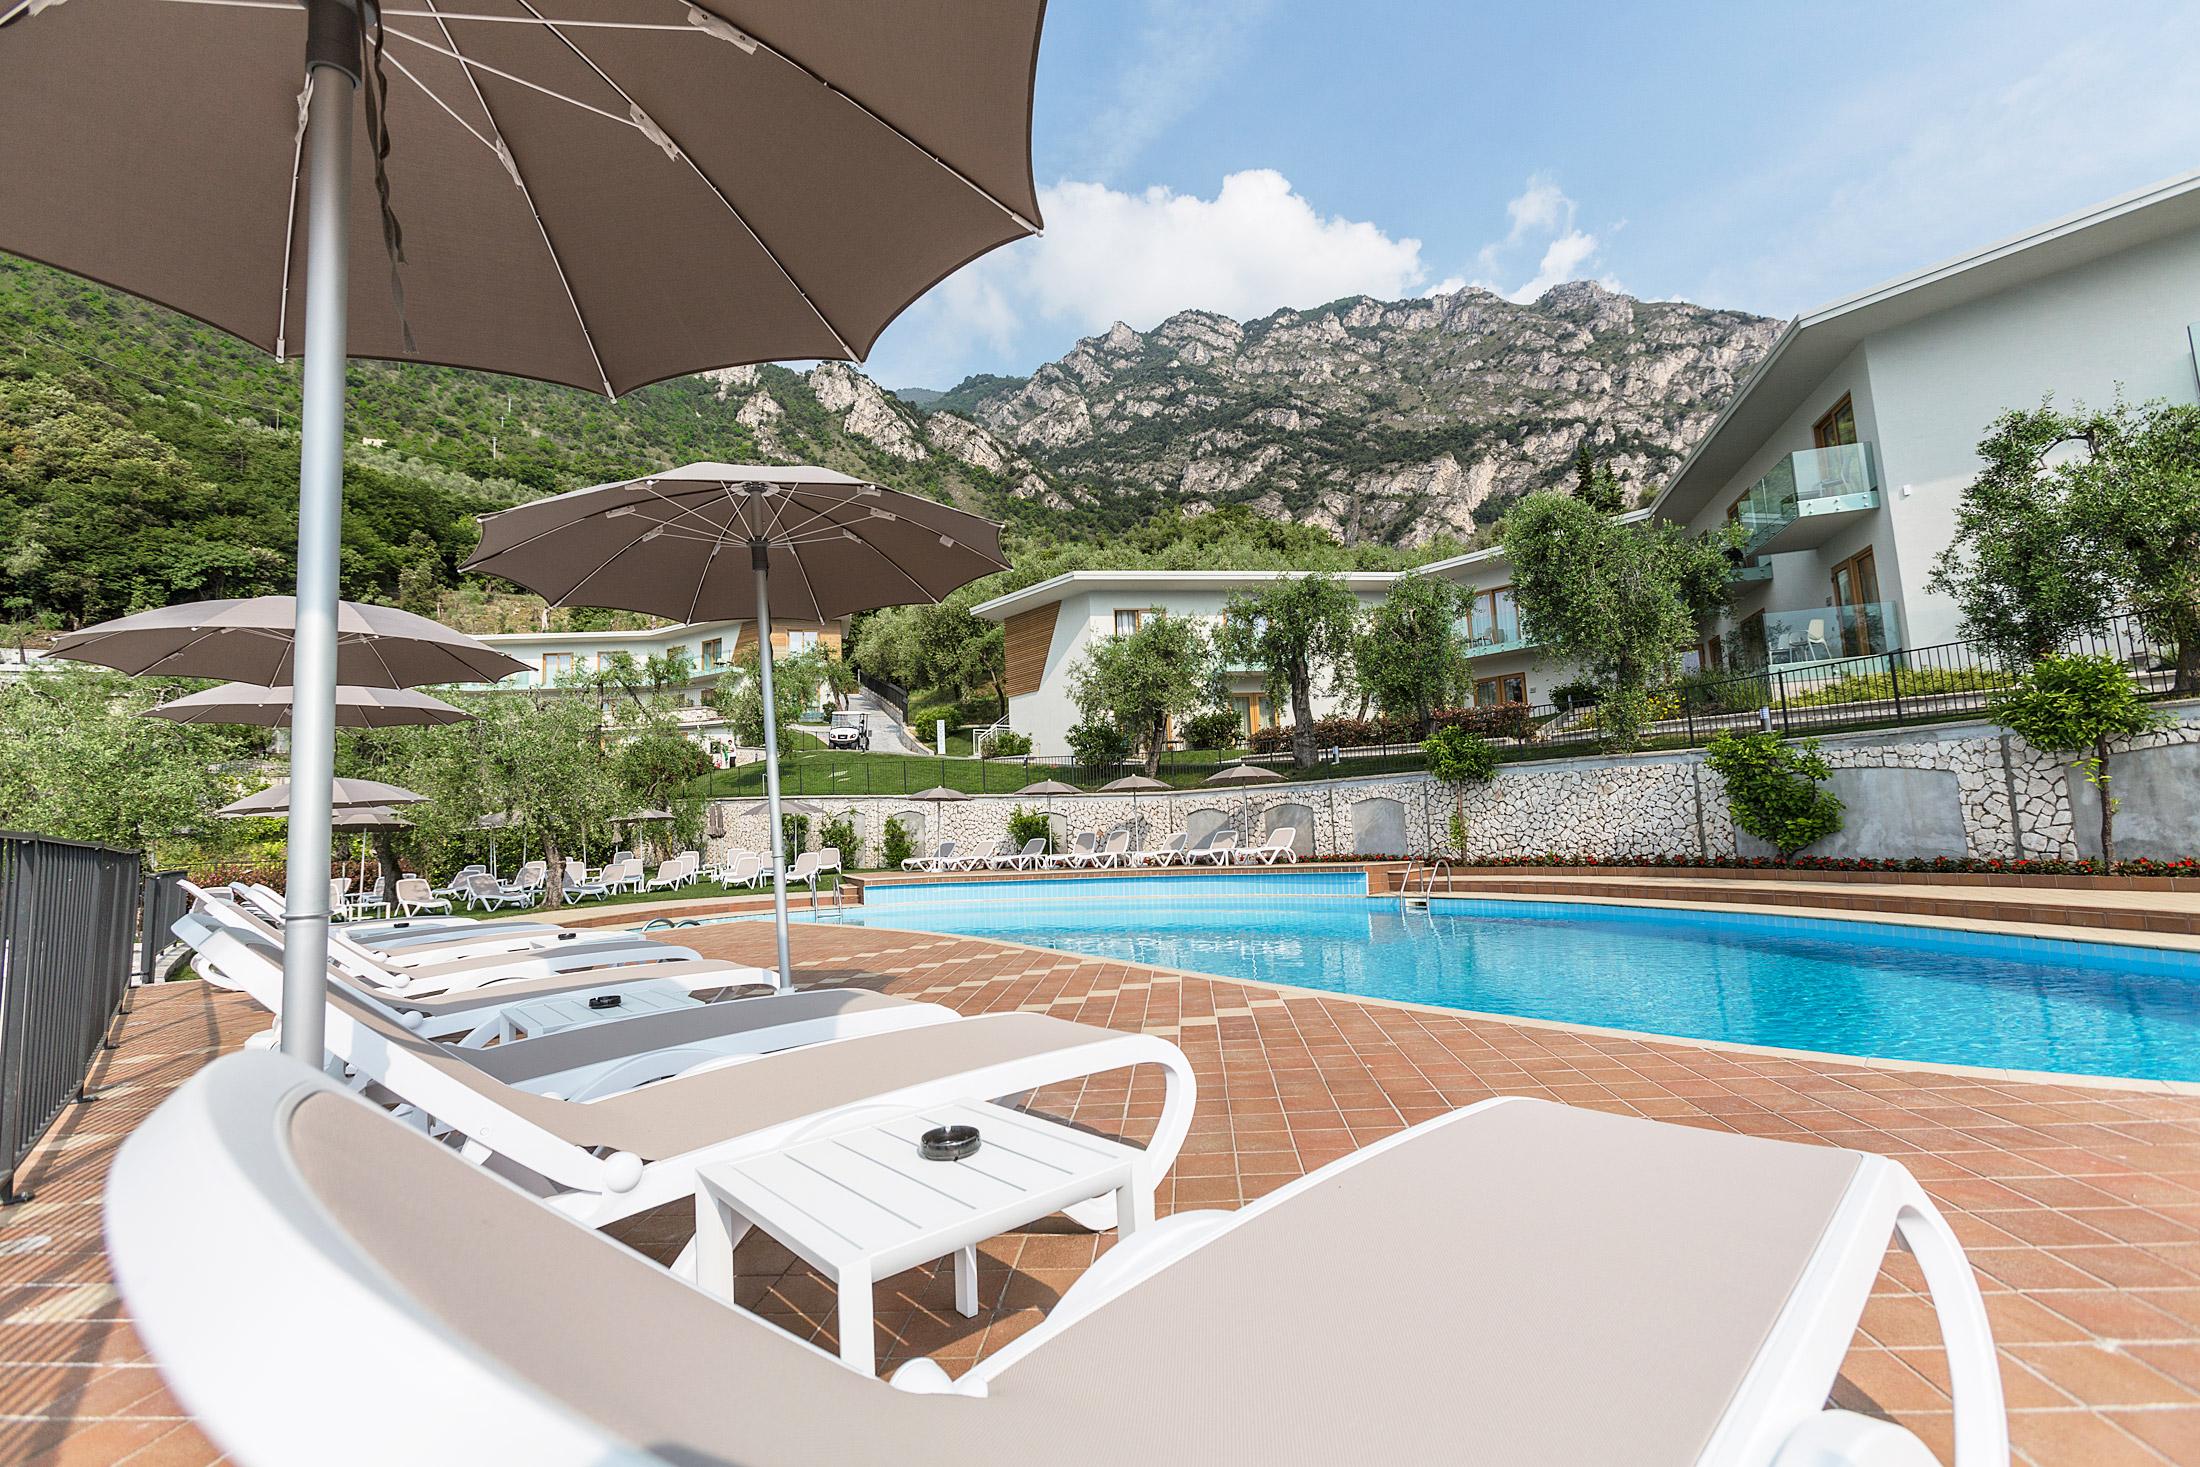 limone_sul_garda_hotel_atilius_piscina102.jpg